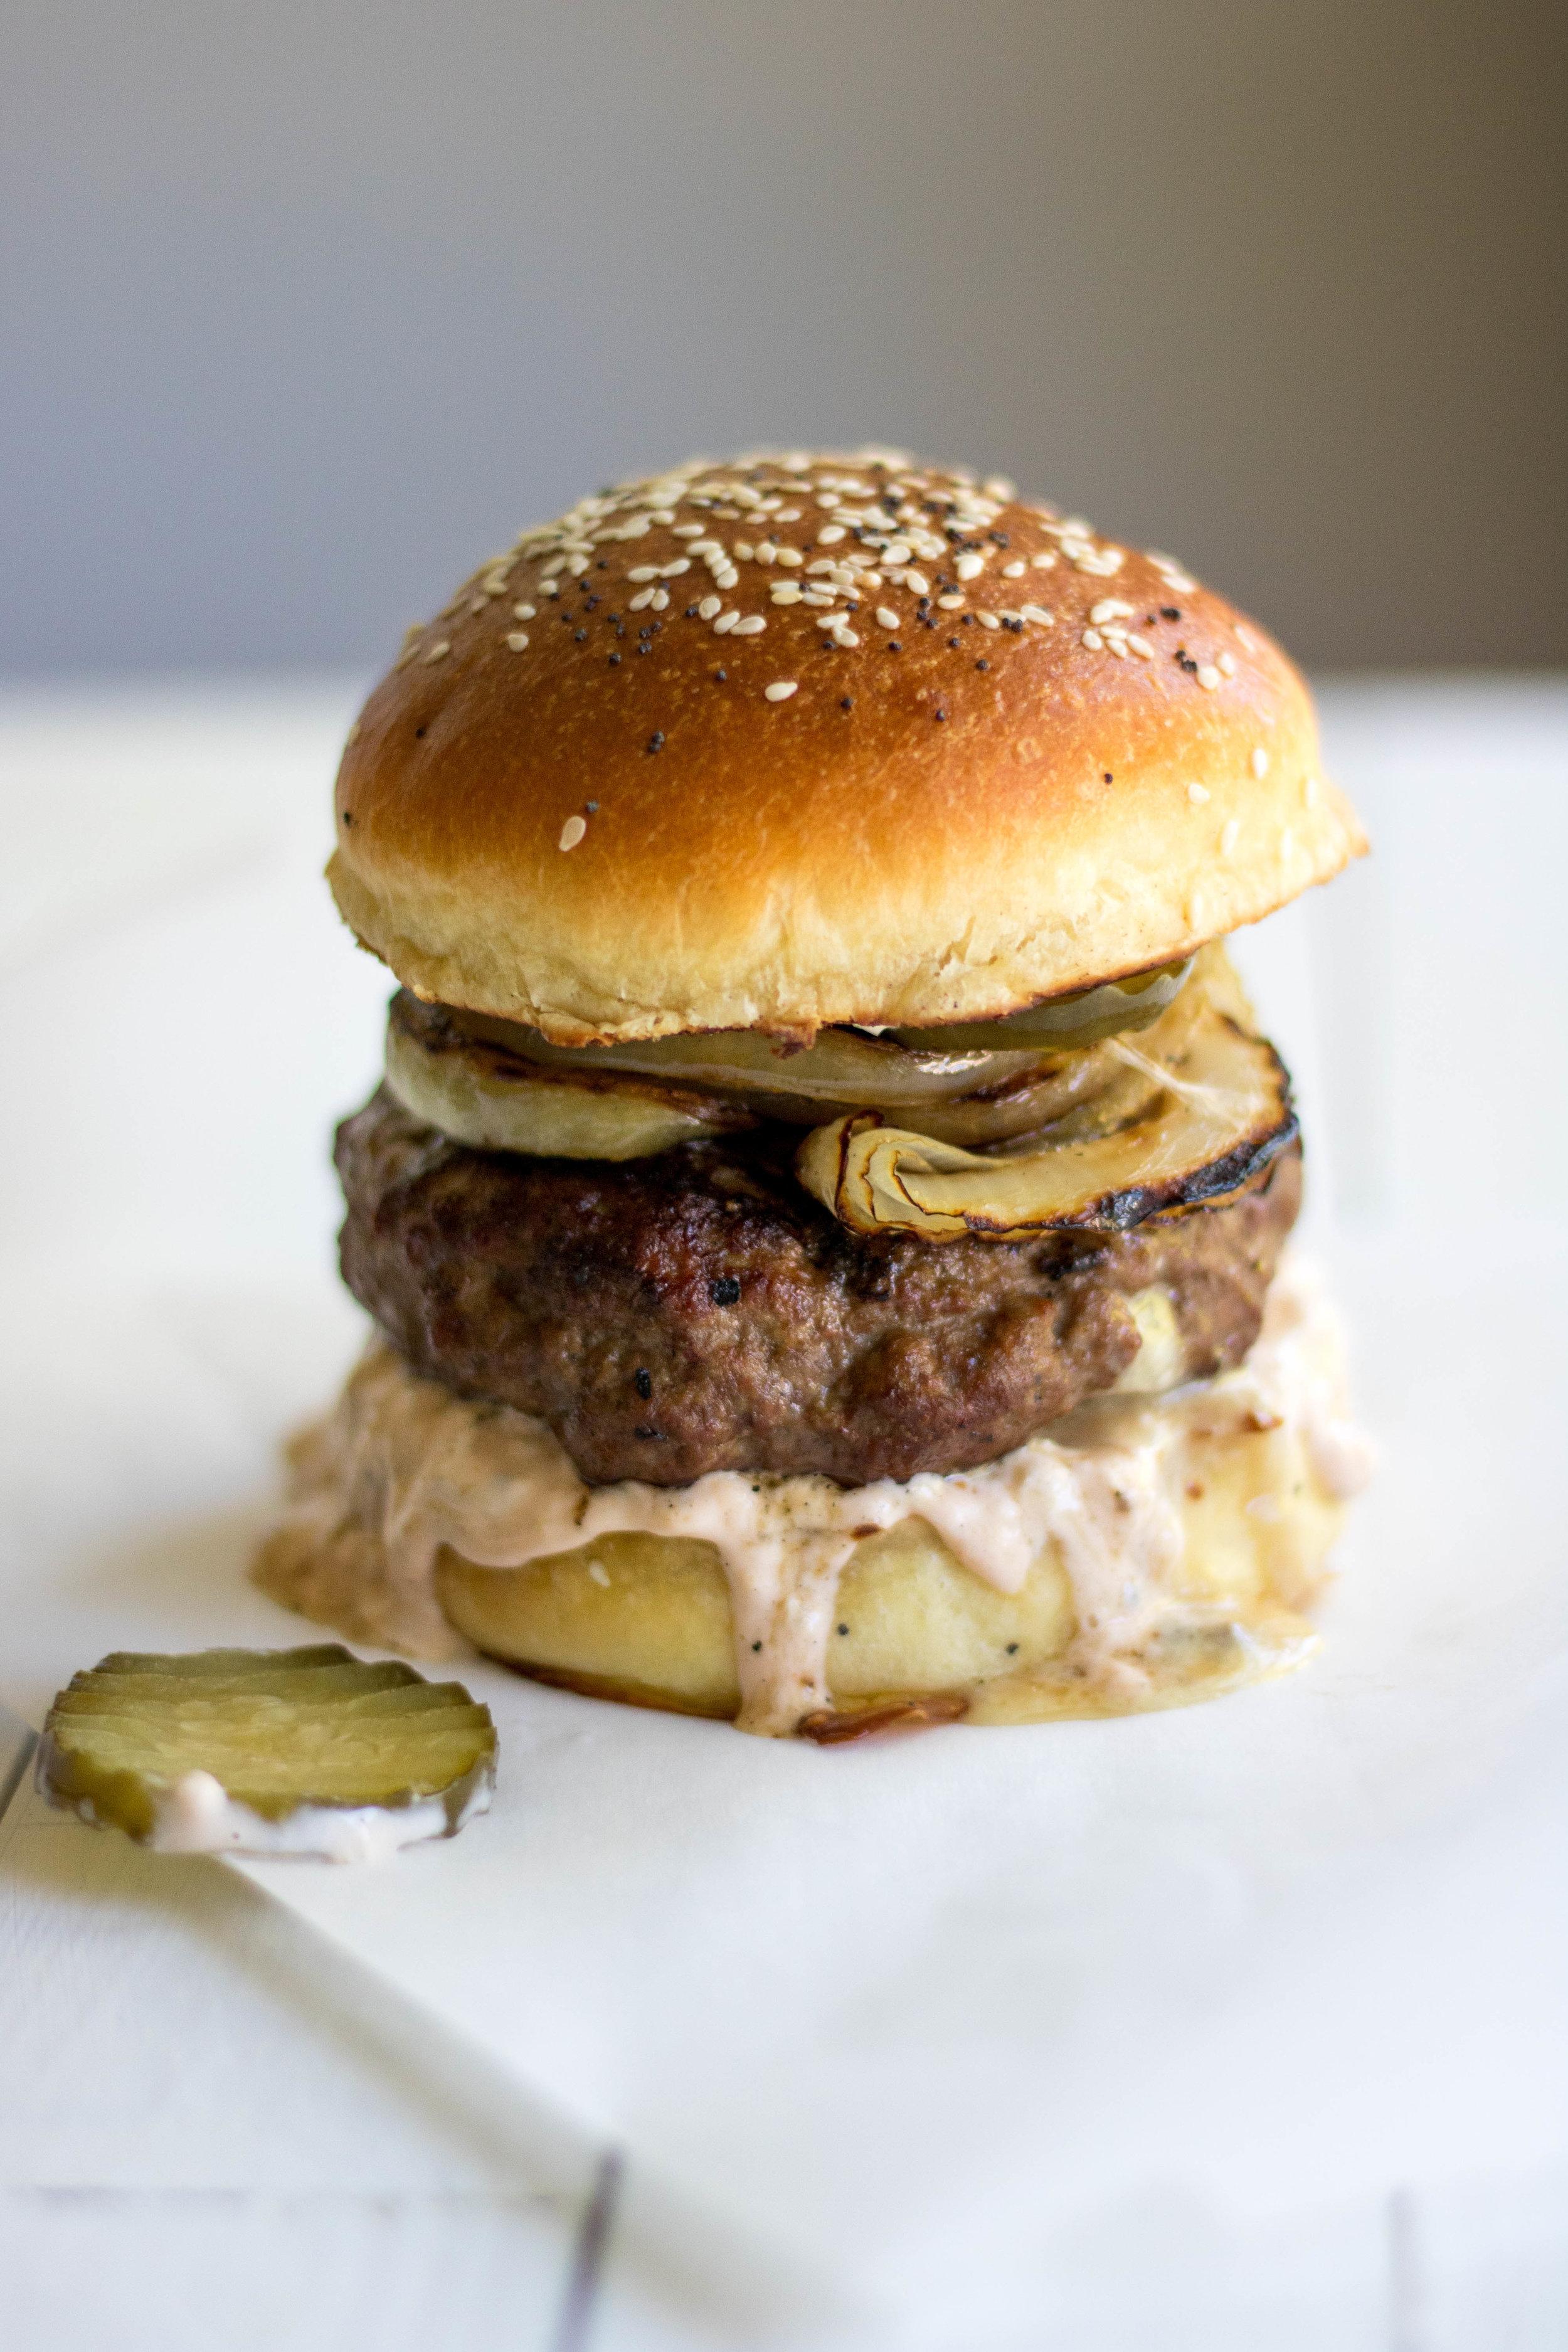 brieburger2.jpg